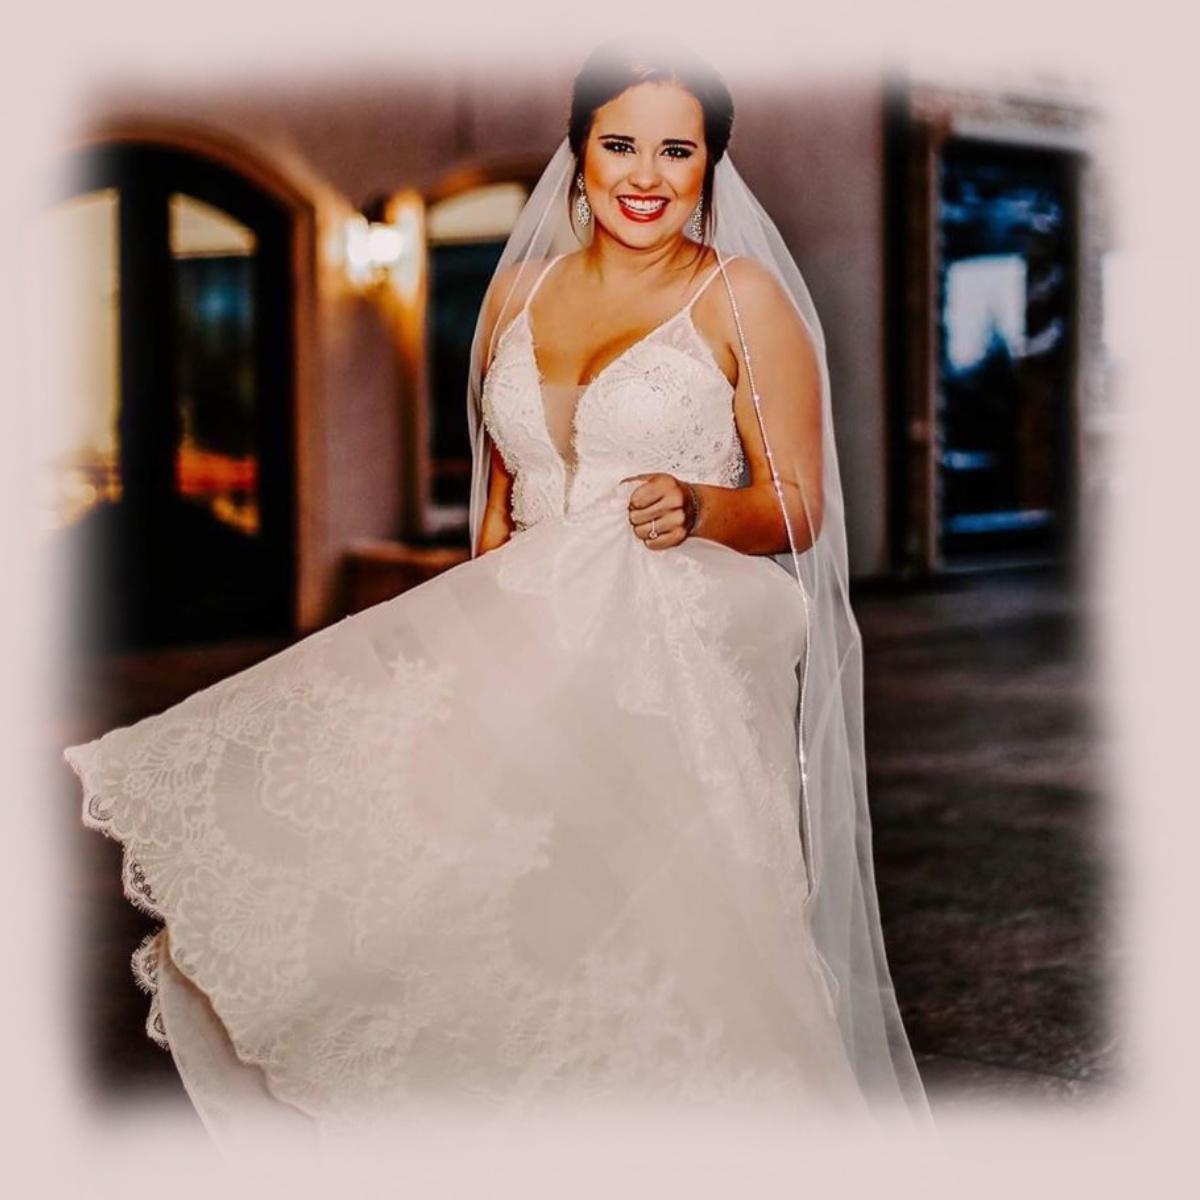 Azarue's Bridal Testimonial